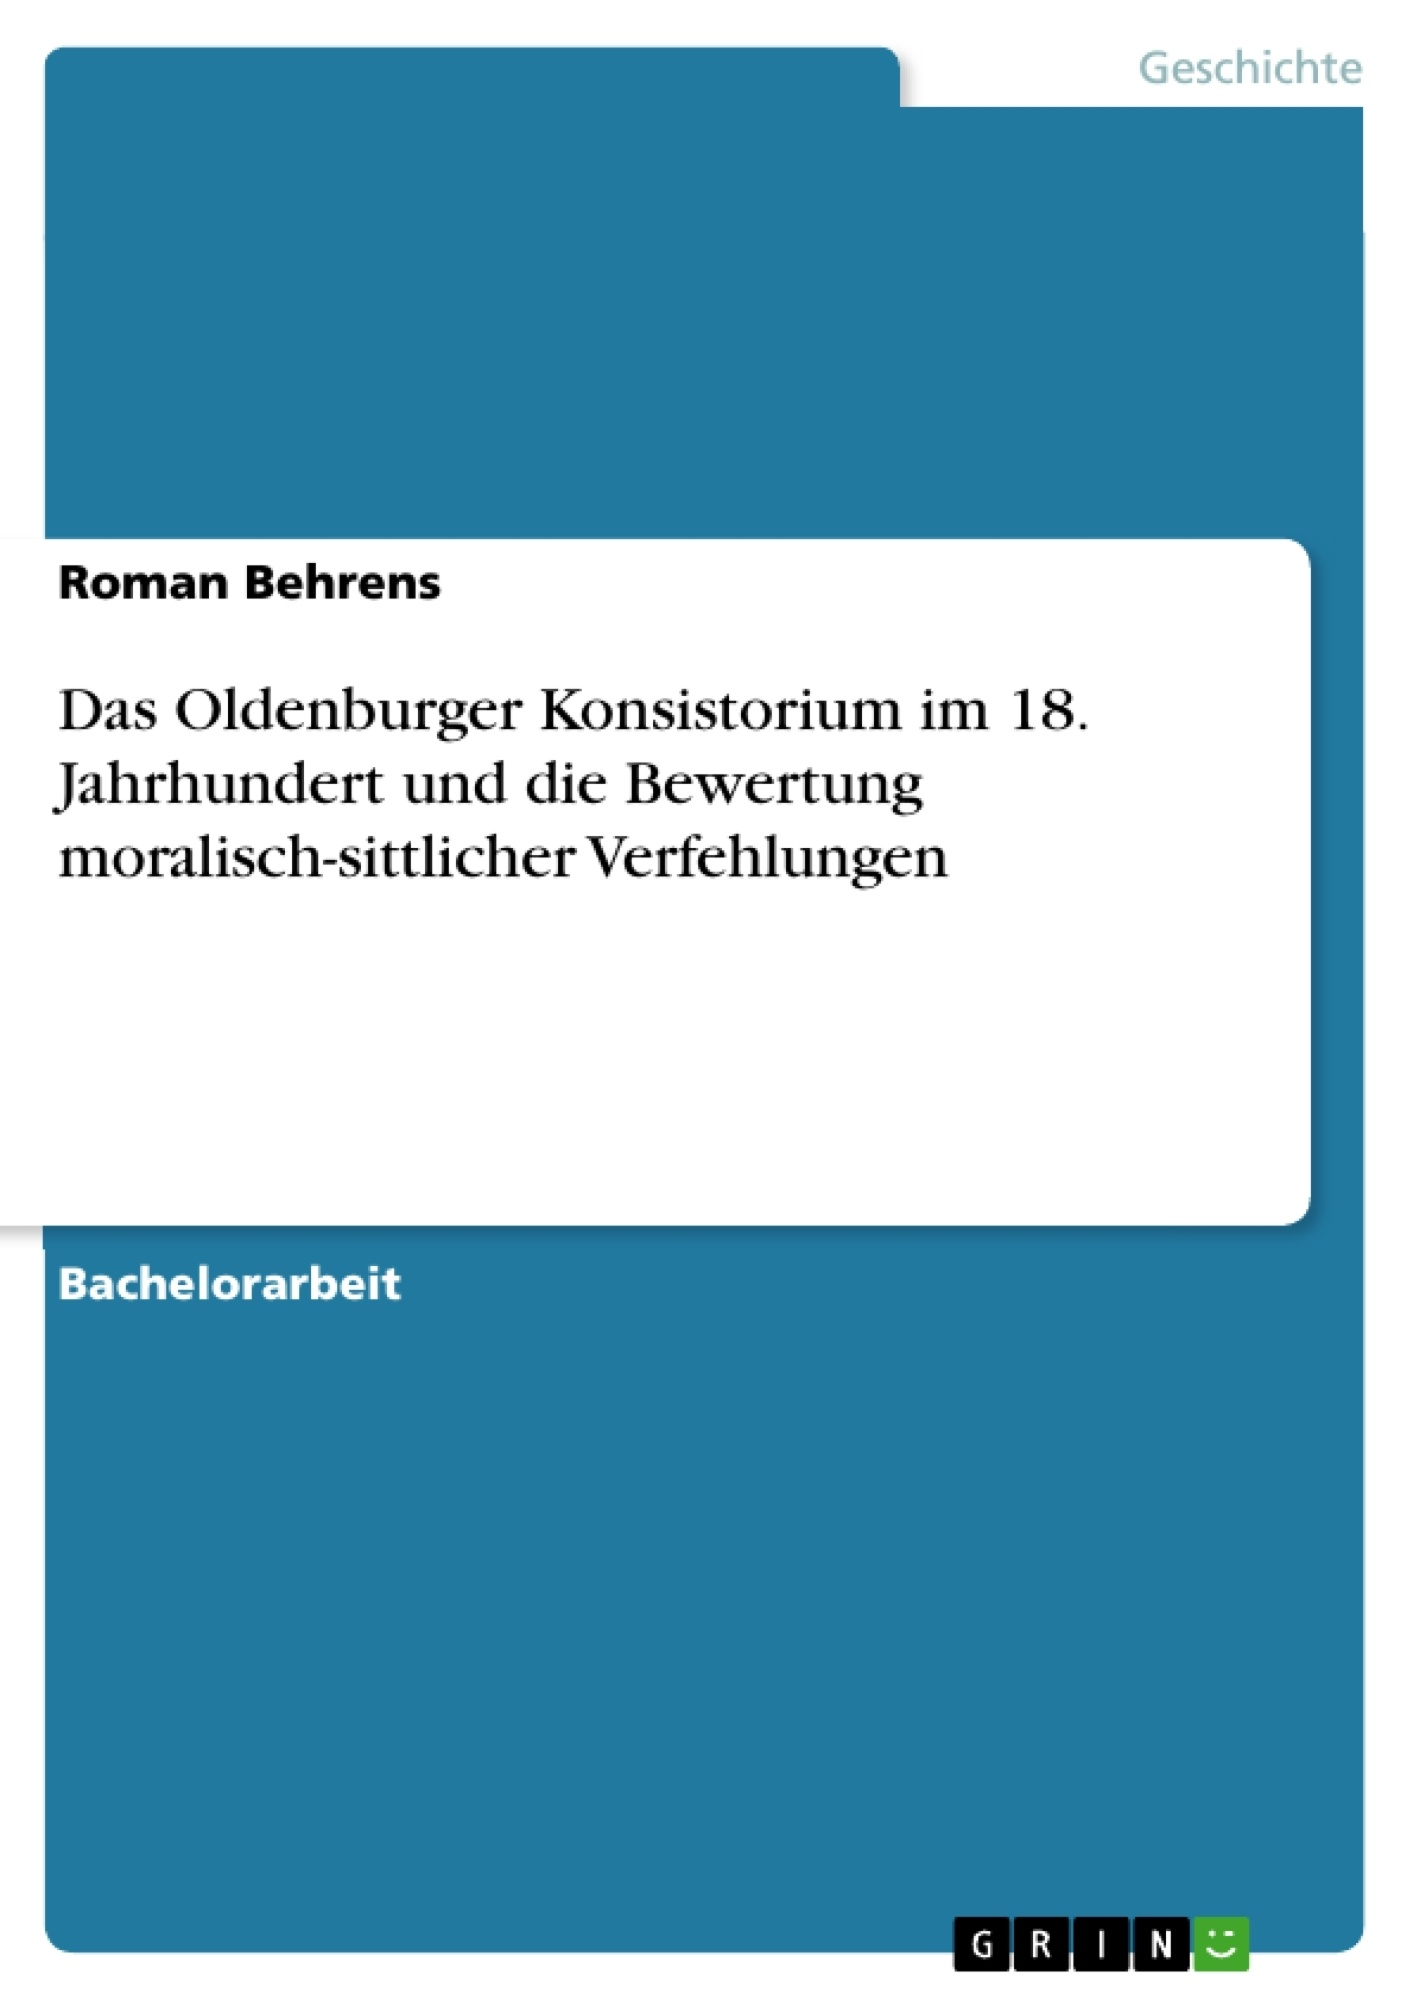 Titel: Das Oldenburger Konsistorium im 18. Jahrhundert und die Bewertung moralisch-sittlicher Verfehlungen